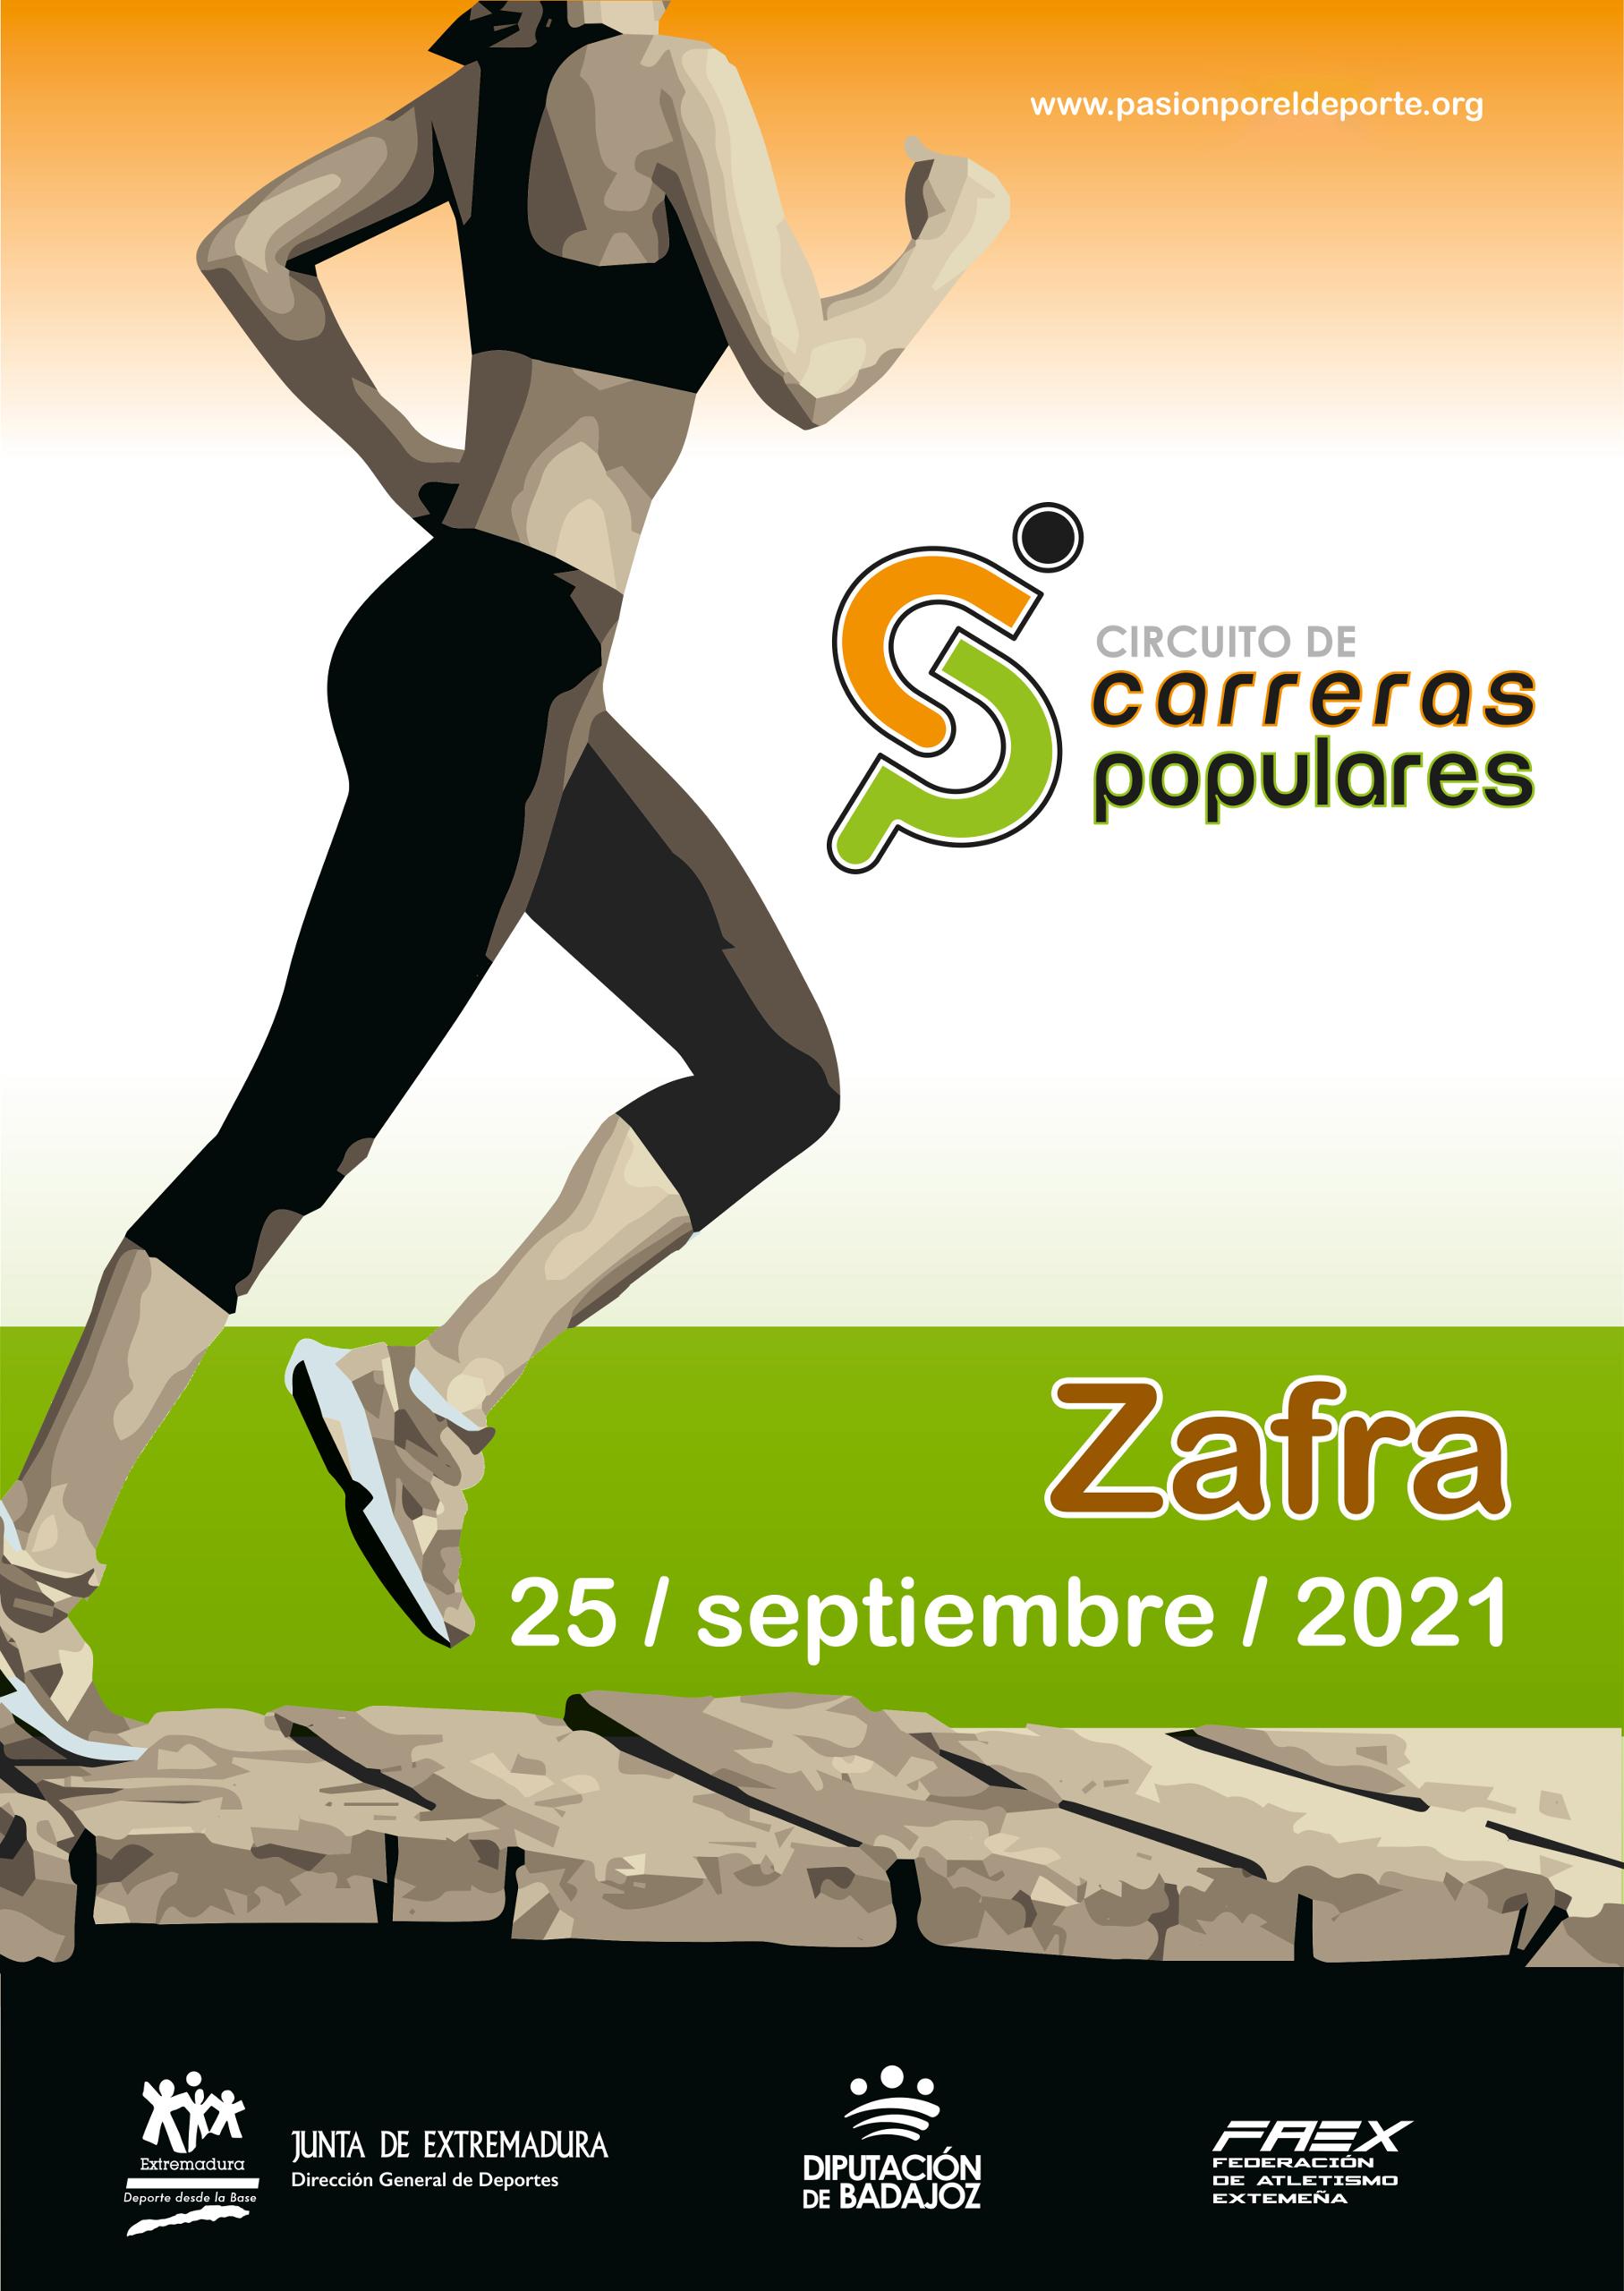 Imagen del Evento Circuito de Carreras Populares en ZAFRA